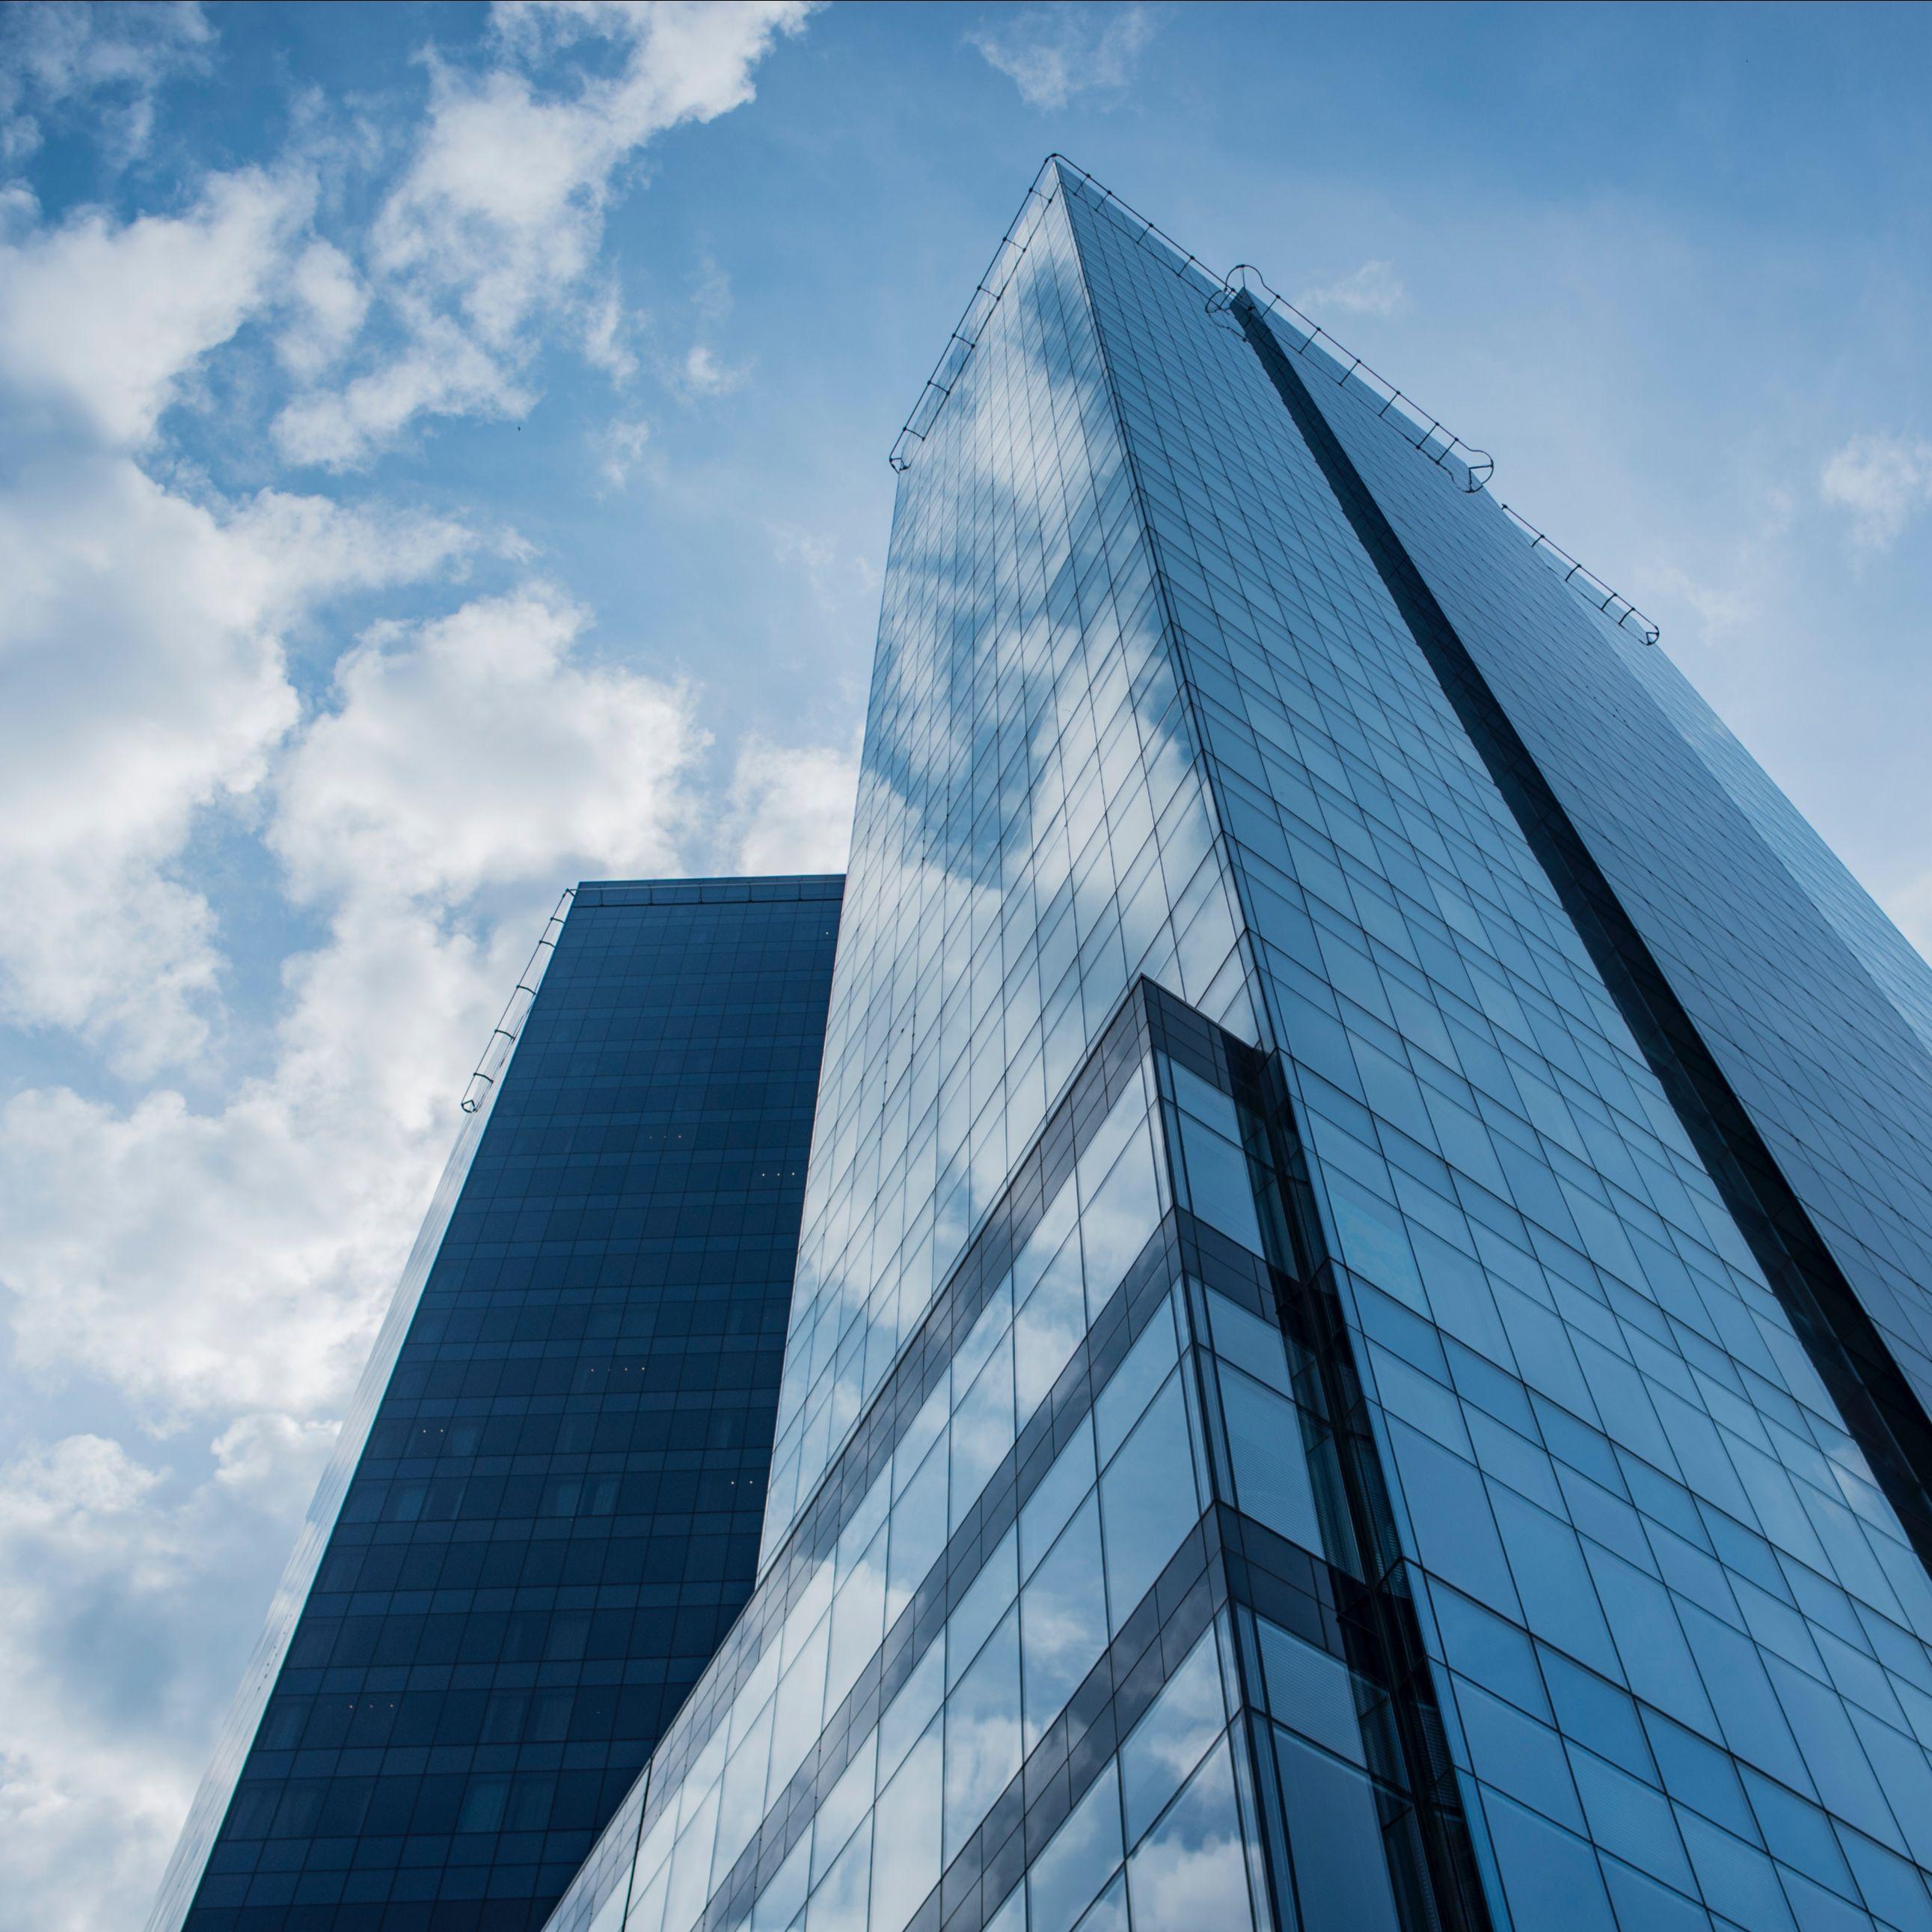 skyscraper - Classes in Real Estate Investing